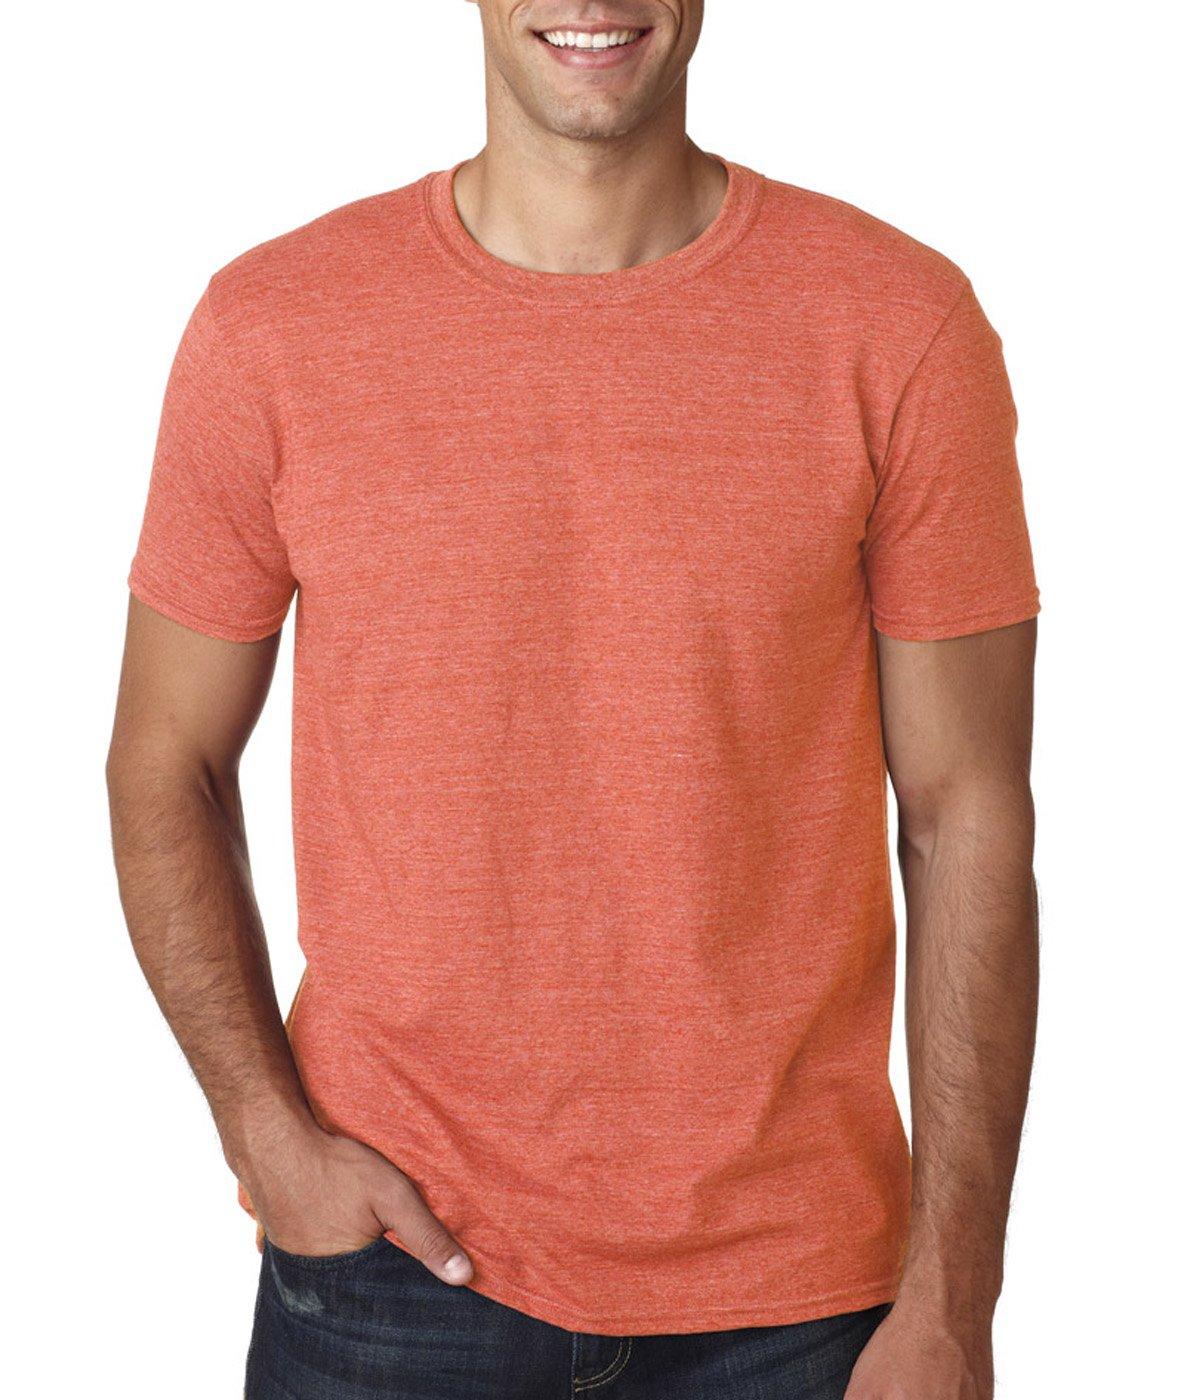 (ギルダン) Gildan メンズ ソフトスタイル 半袖Tシャツ トップス カットソー 男性用 B014WD5DGG 3L|Heather Orange (35/65) Heather Orange (35/65) 3L